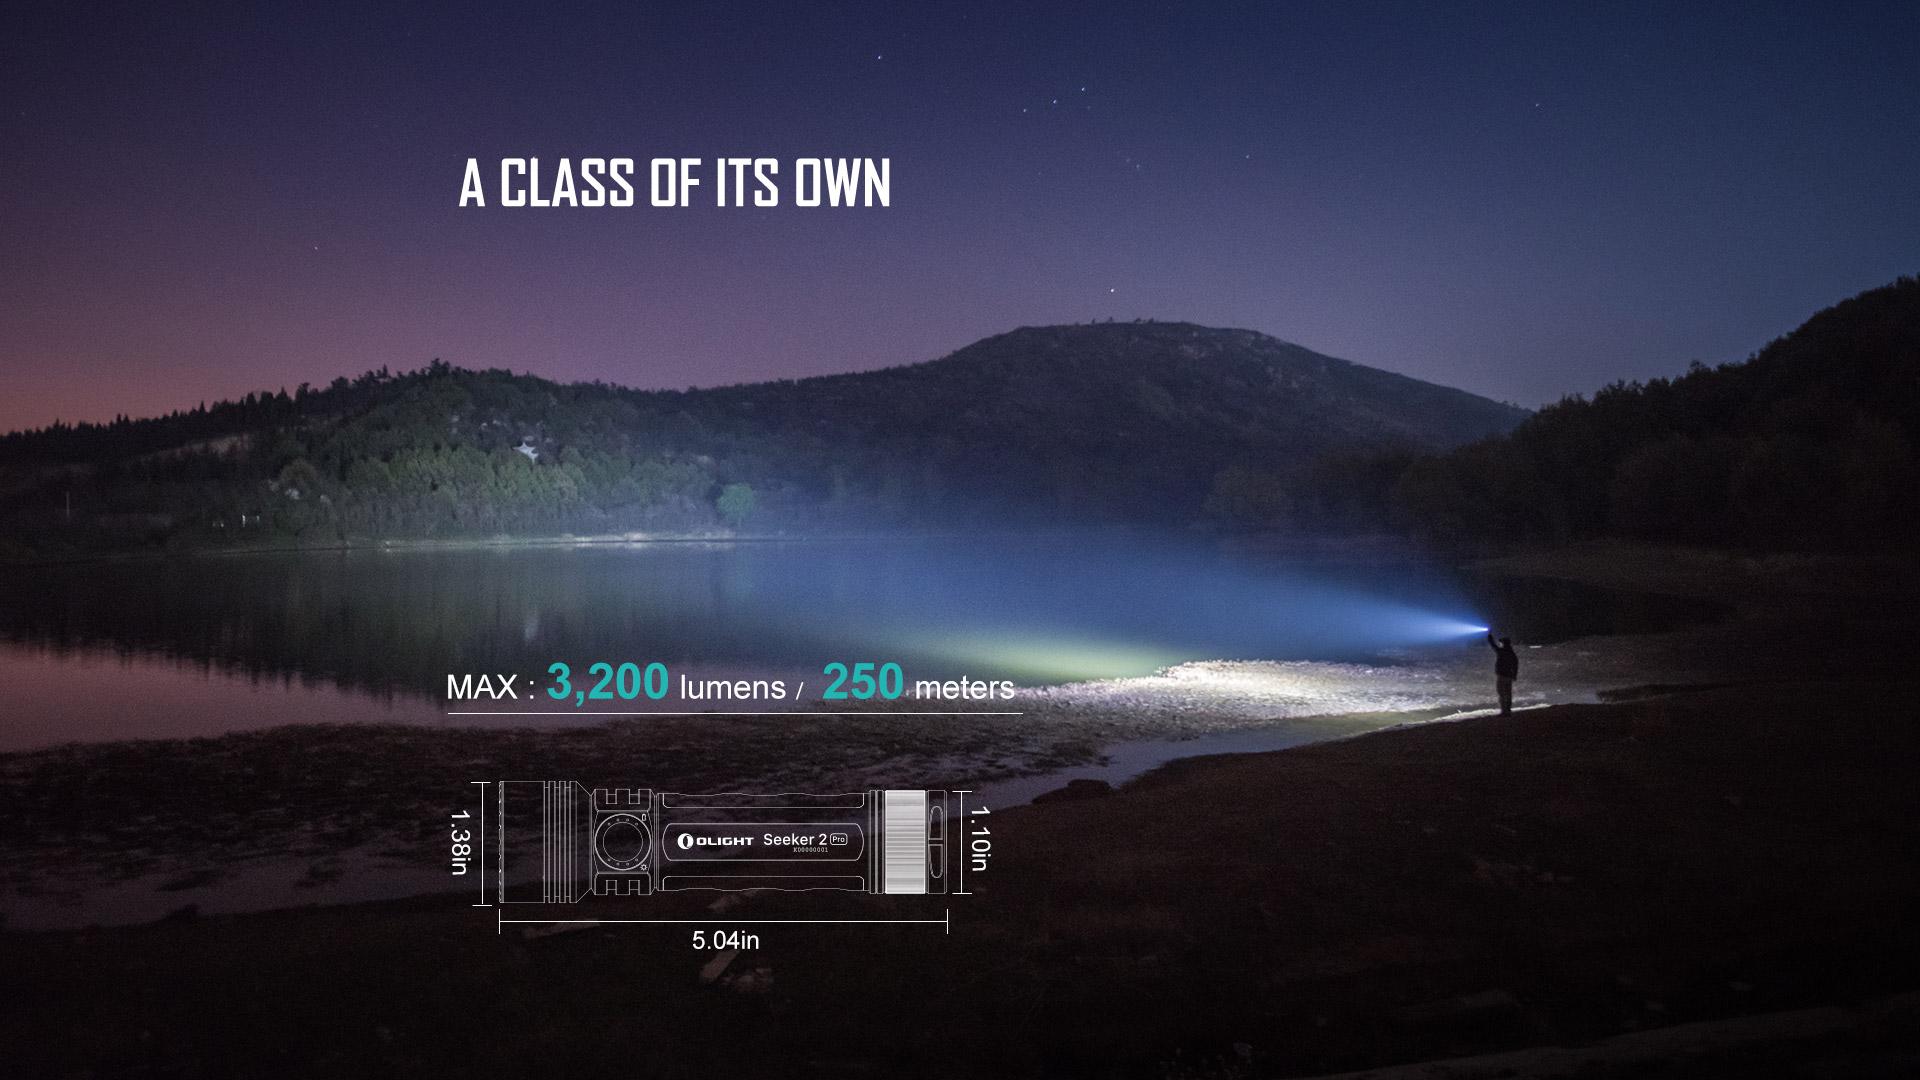 Seeker 2 PRO Rechargeable Flashlight 3200 lumens